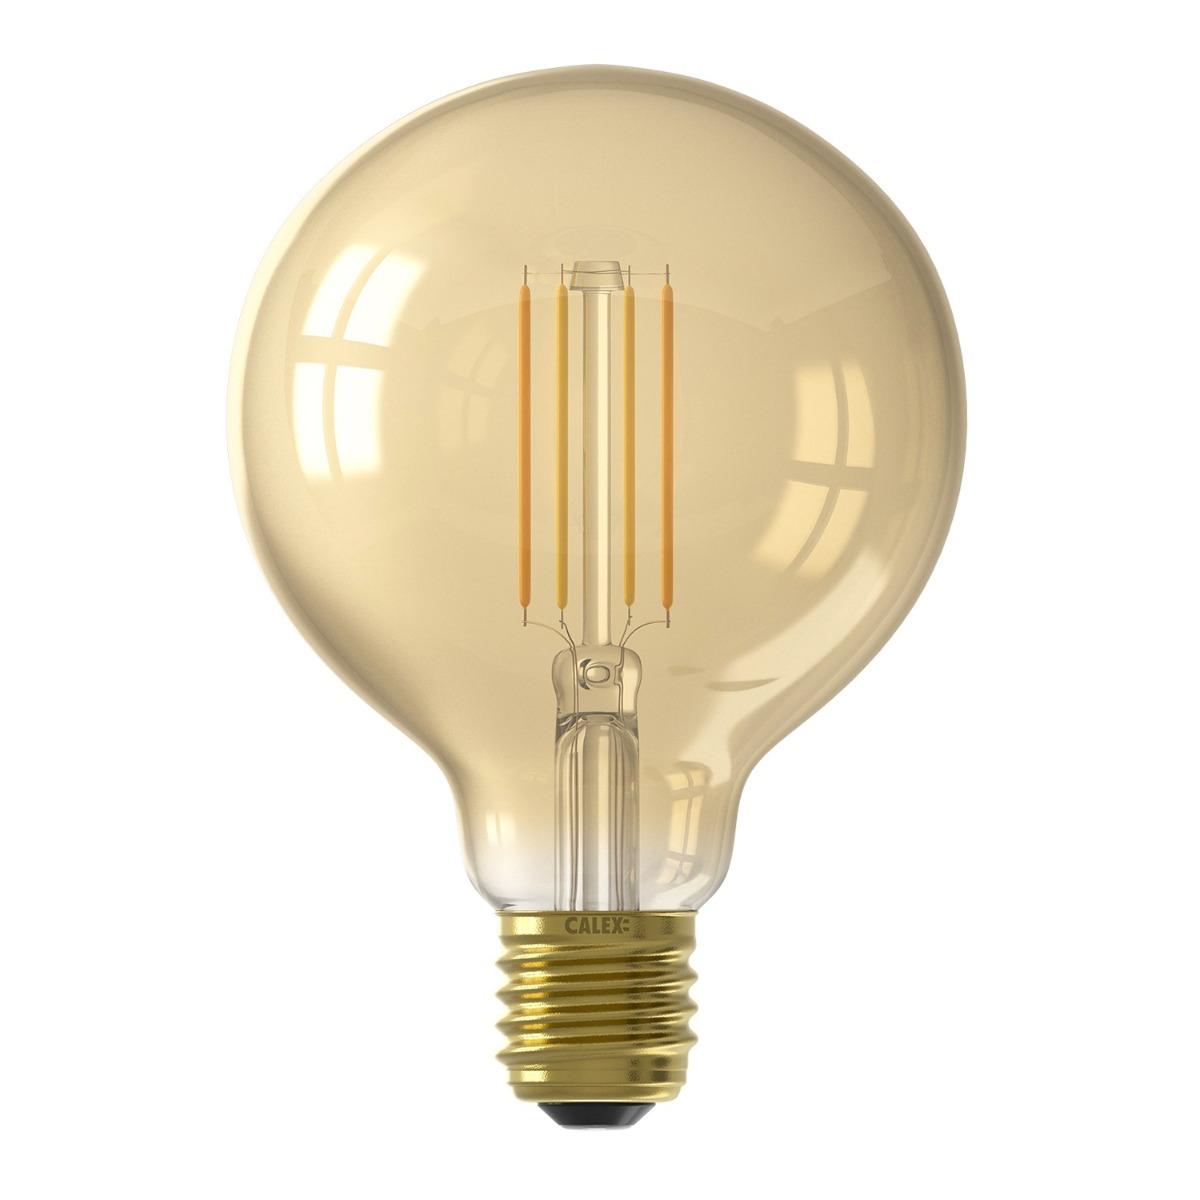 Bilde av Calex Smart Globe G95 Led Pære E27 7w 806lm 1800-3000k Filament | Tuya Wifi - Innstillbar Hvit